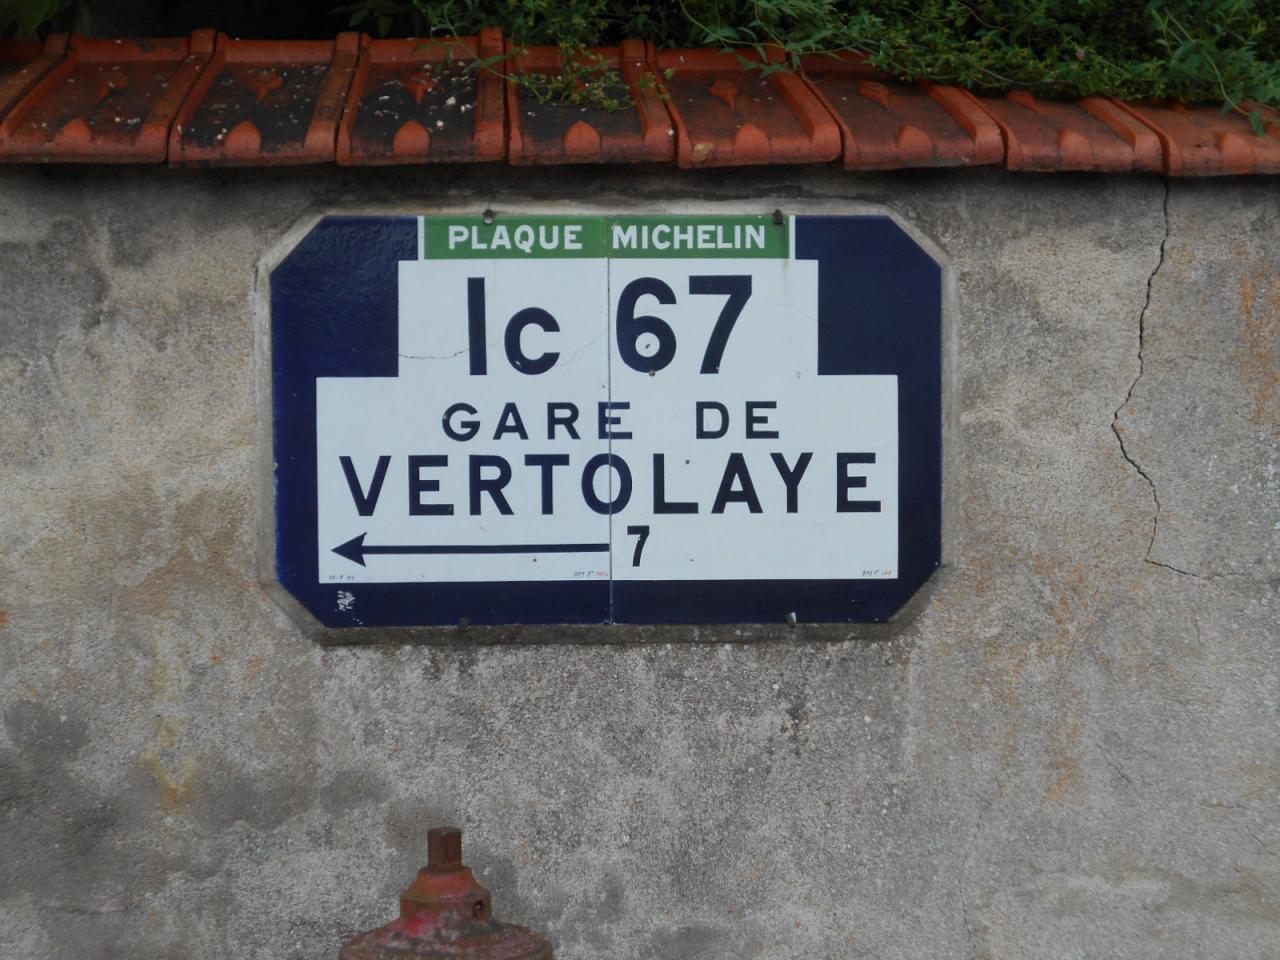 63480 Vertolaye